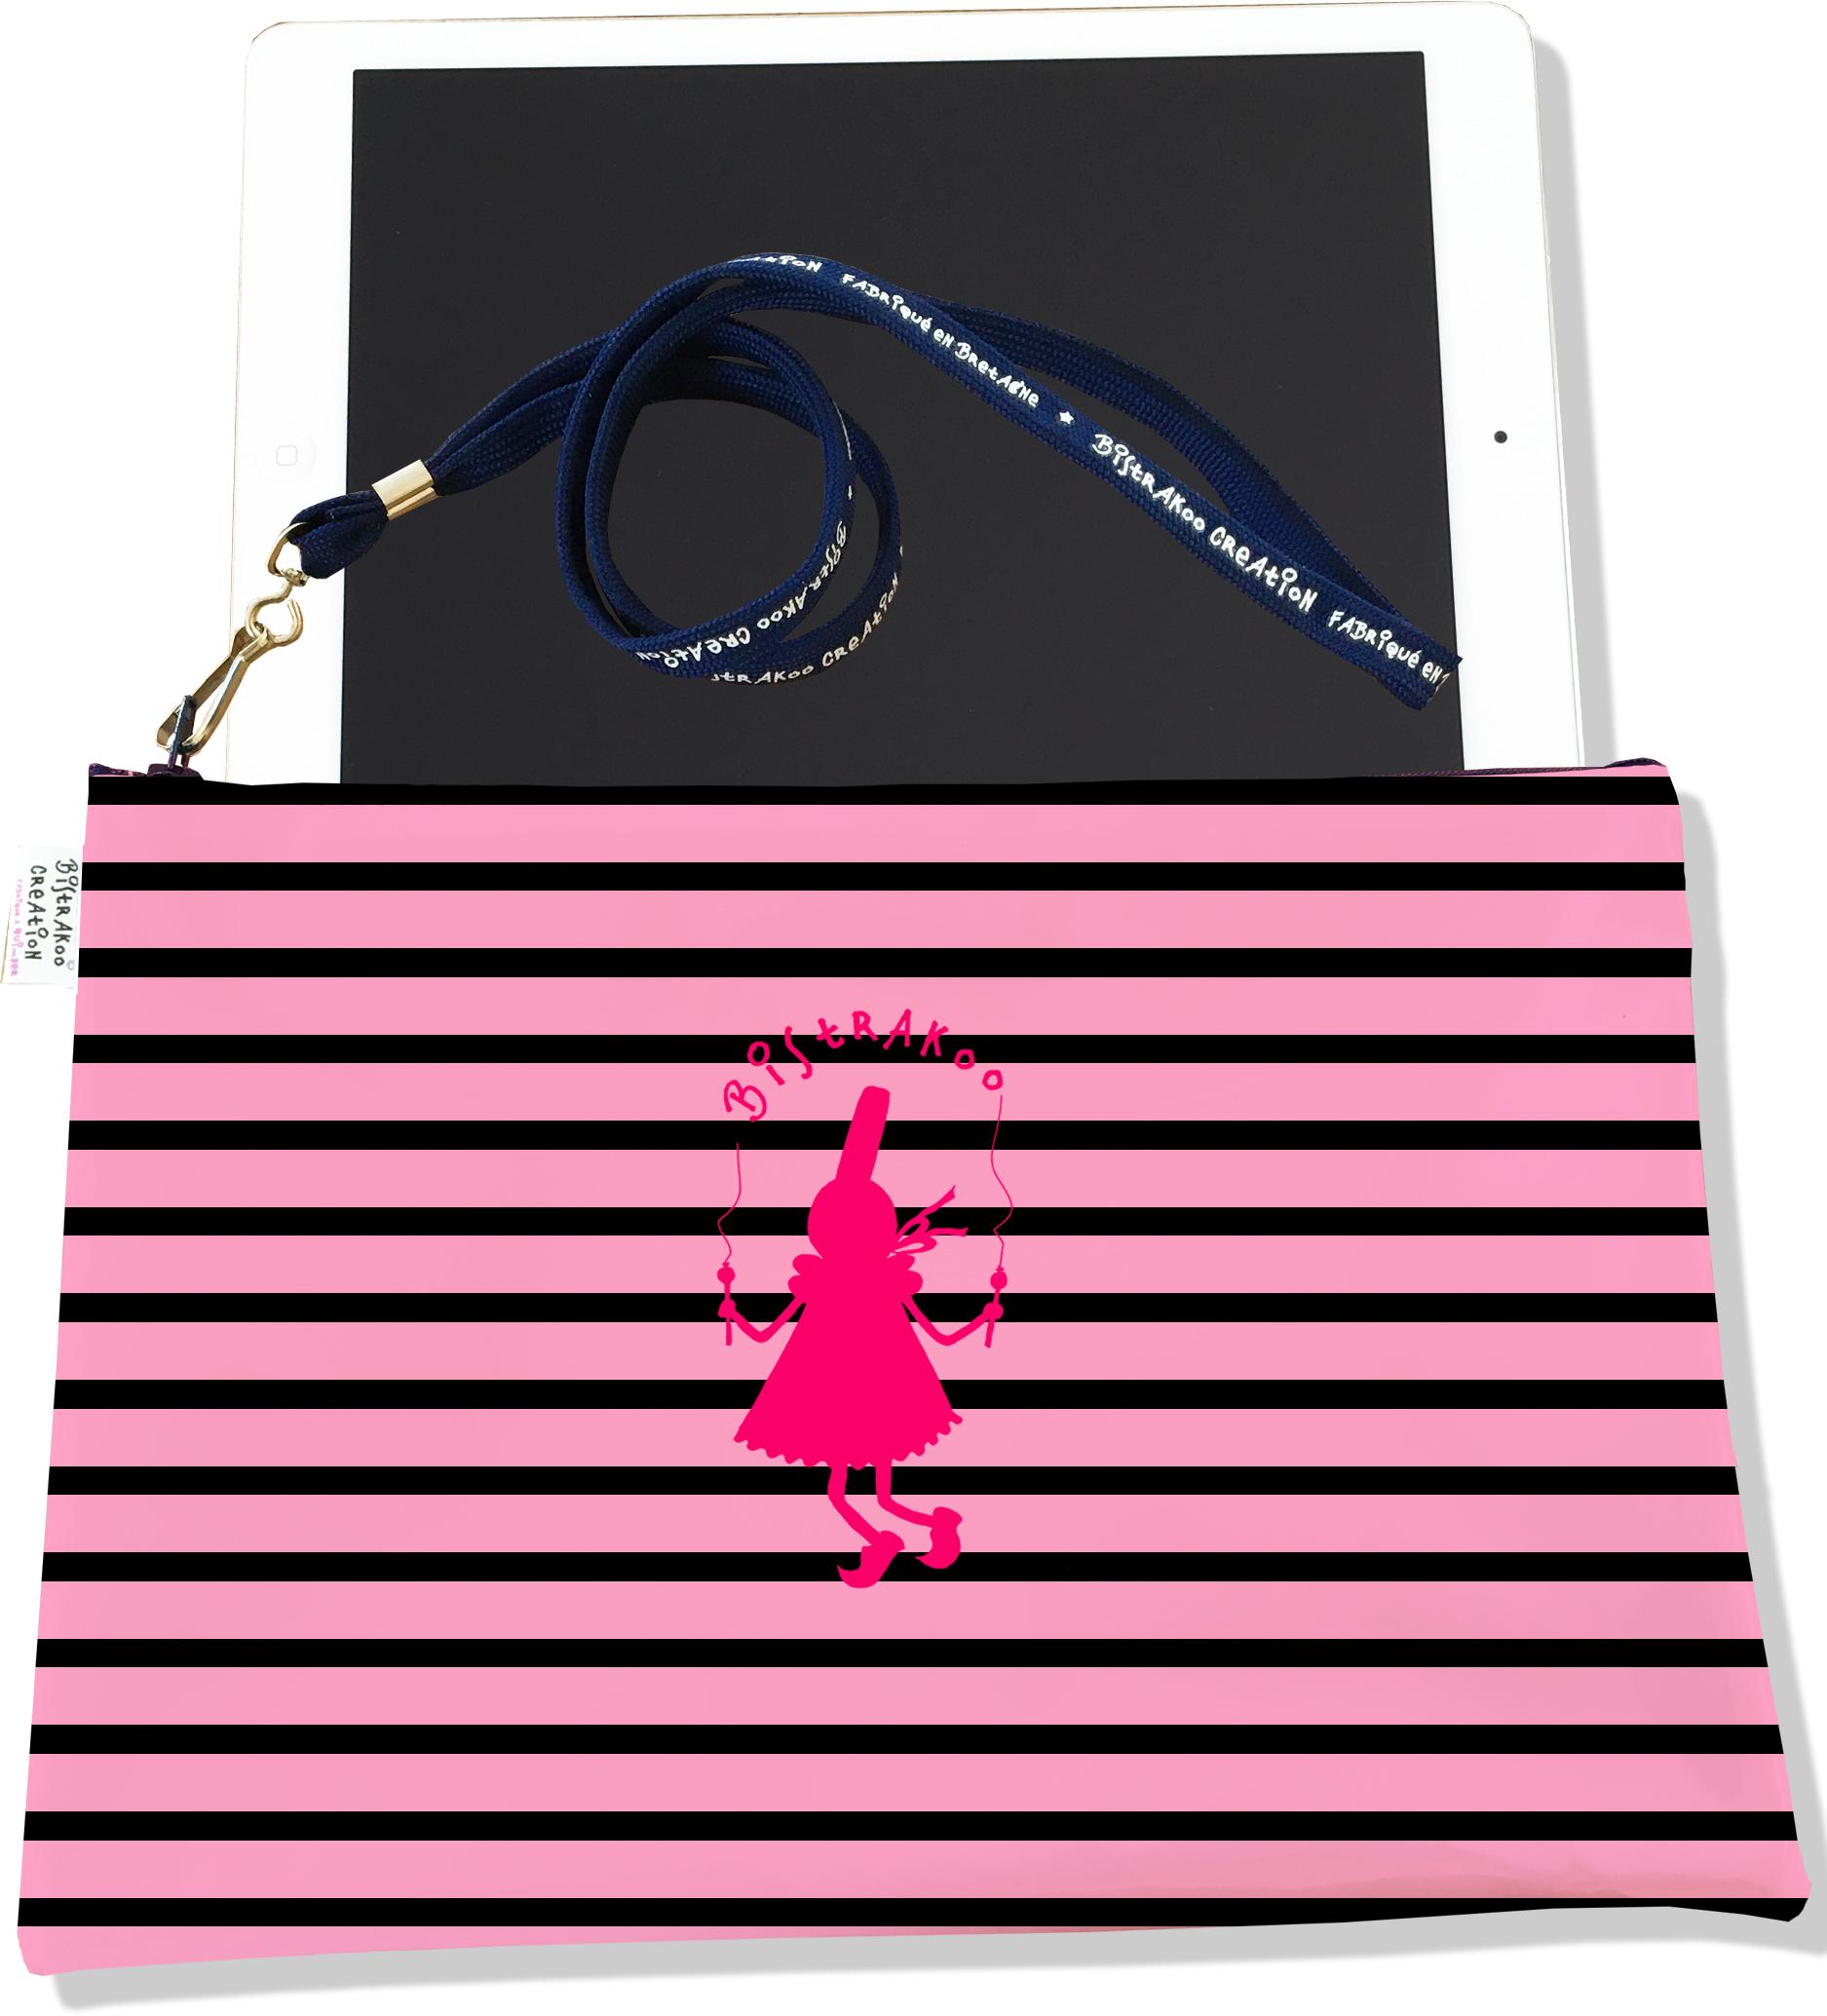 Housse pour tablette pour femme motif Bigoudène et marinière rose 2015